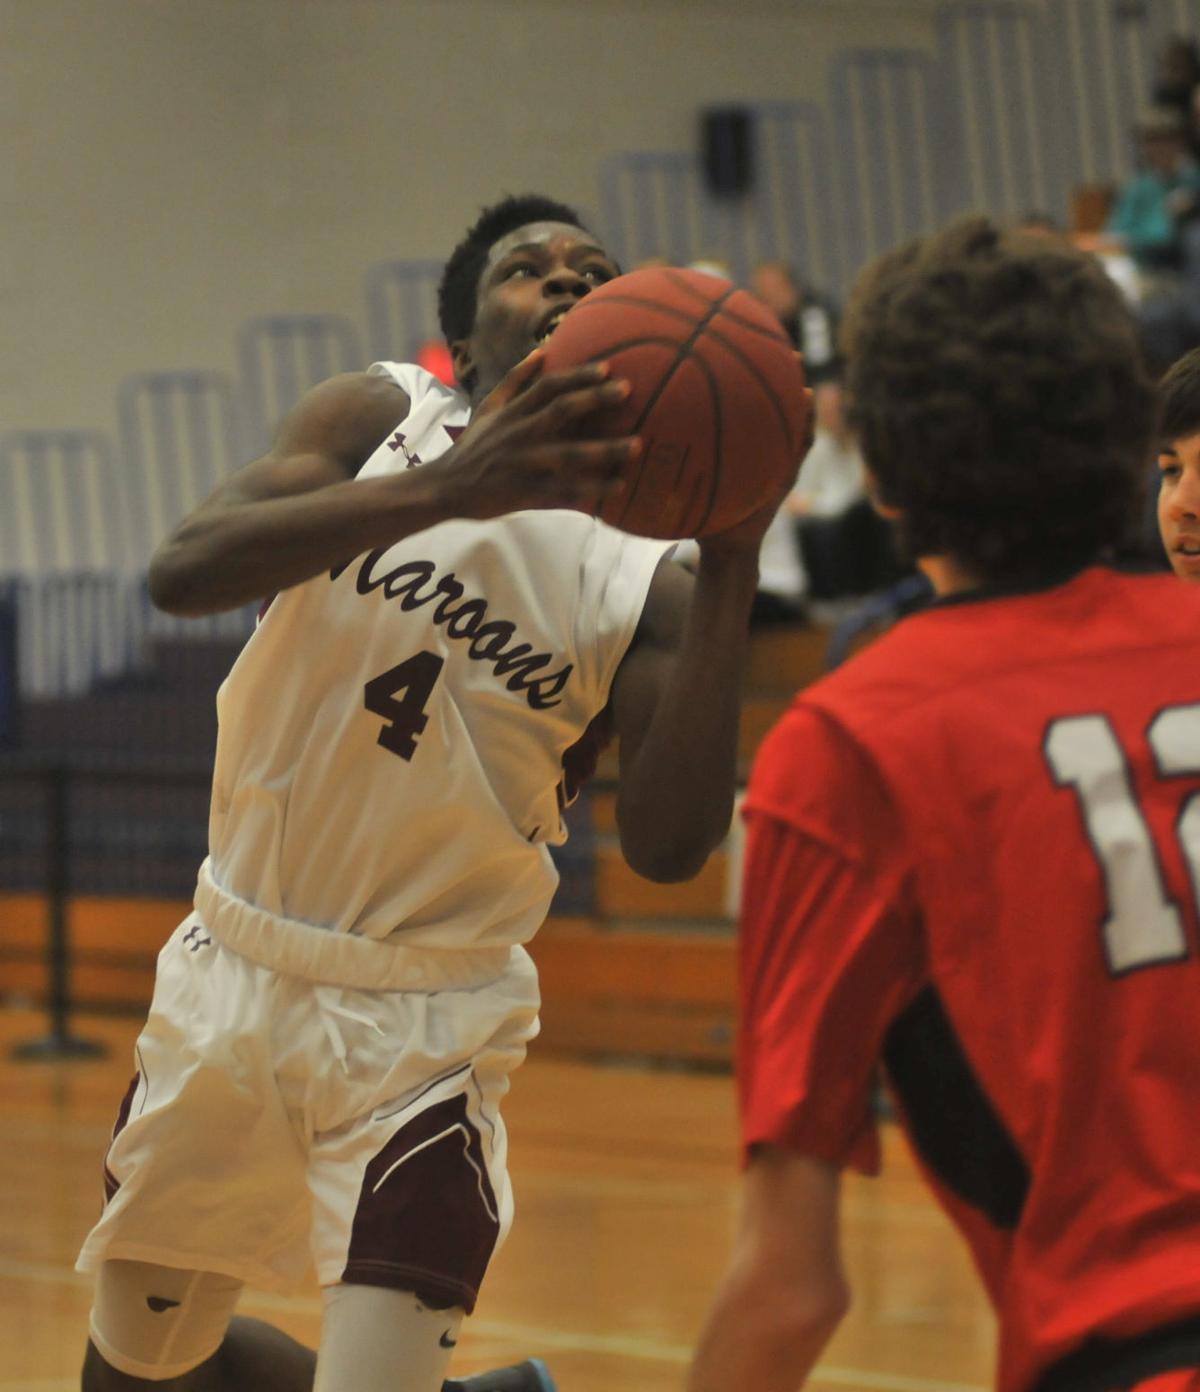 Auburn boys basketball - Beal